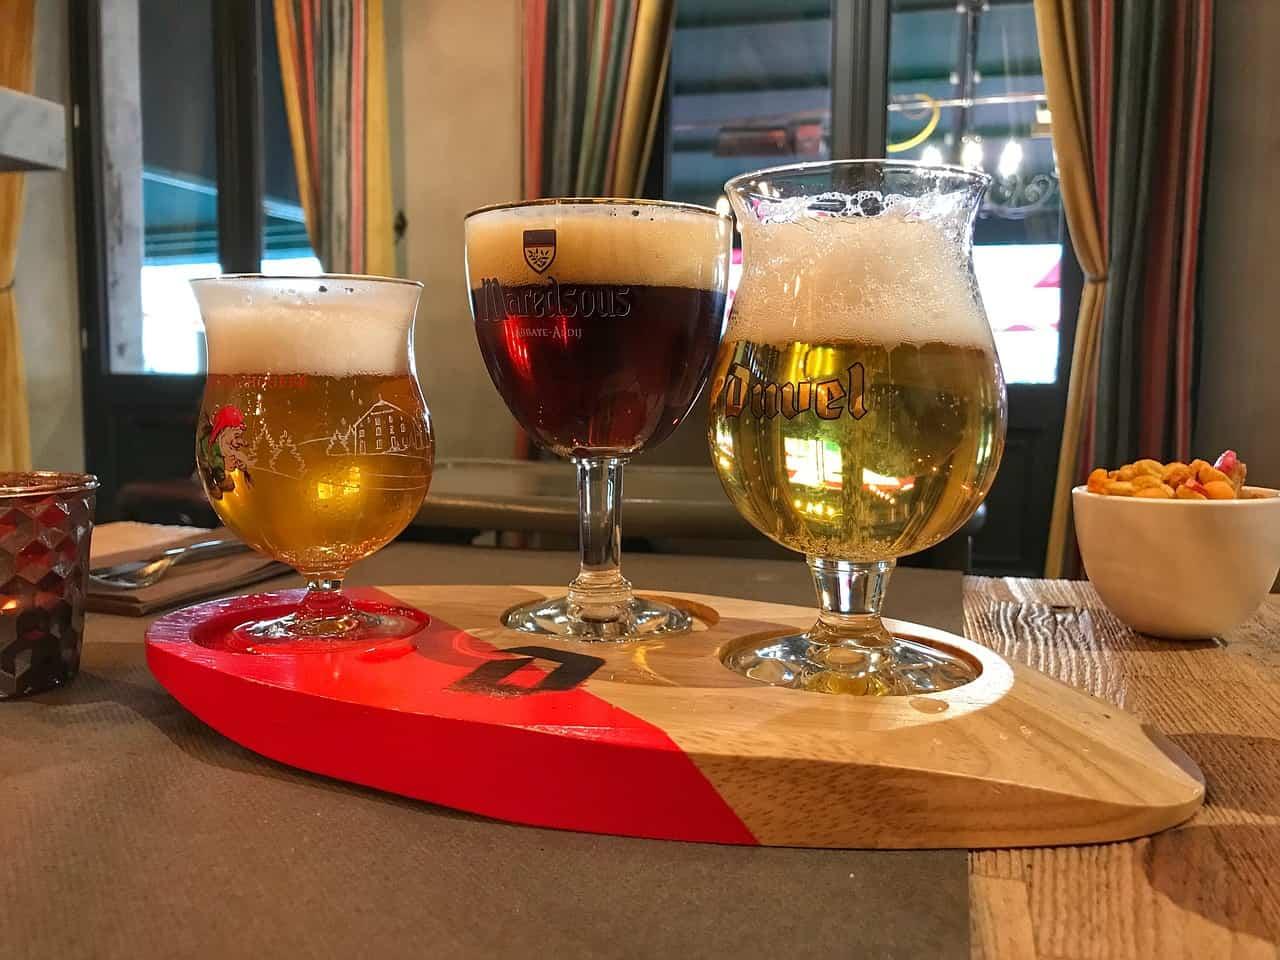 Chouffe, Maredsous en Duvel, drie glazen met Belgisch bier naast elkaar op een houten plank.